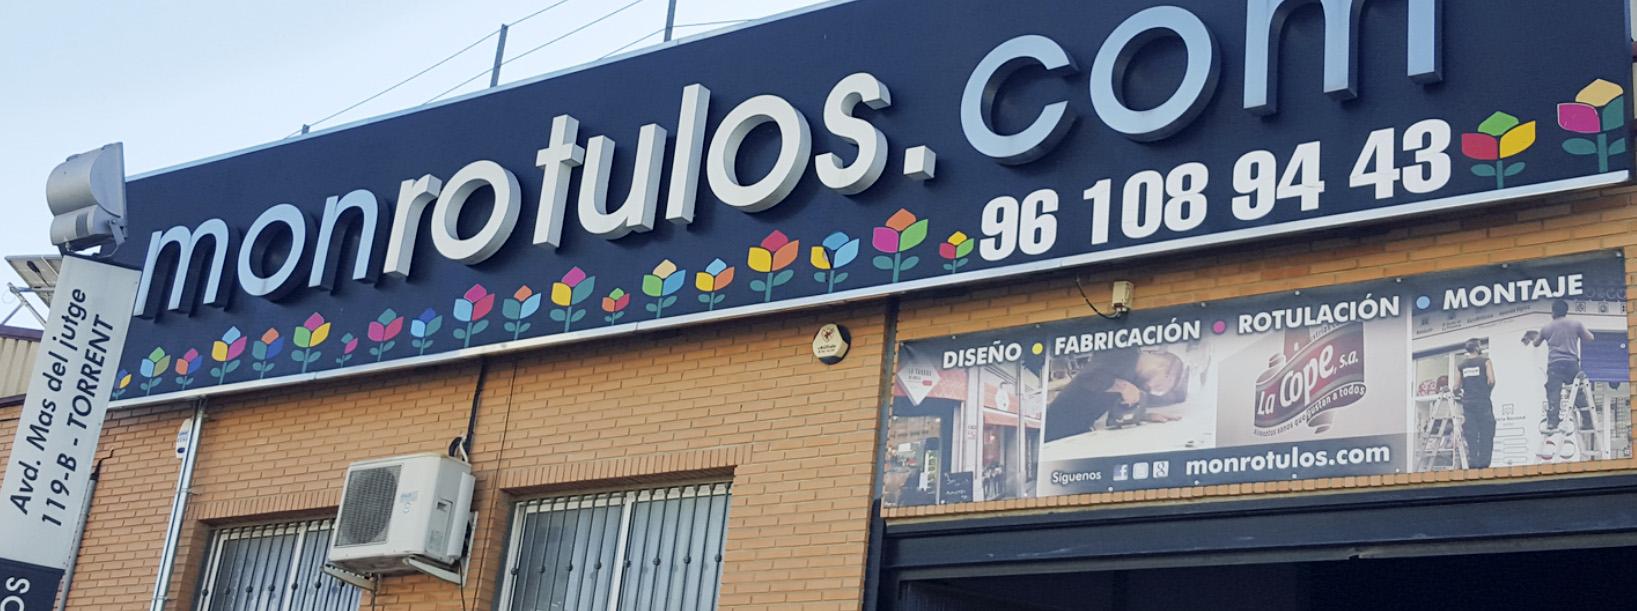 Foto MONROTULOS - Monrotulos